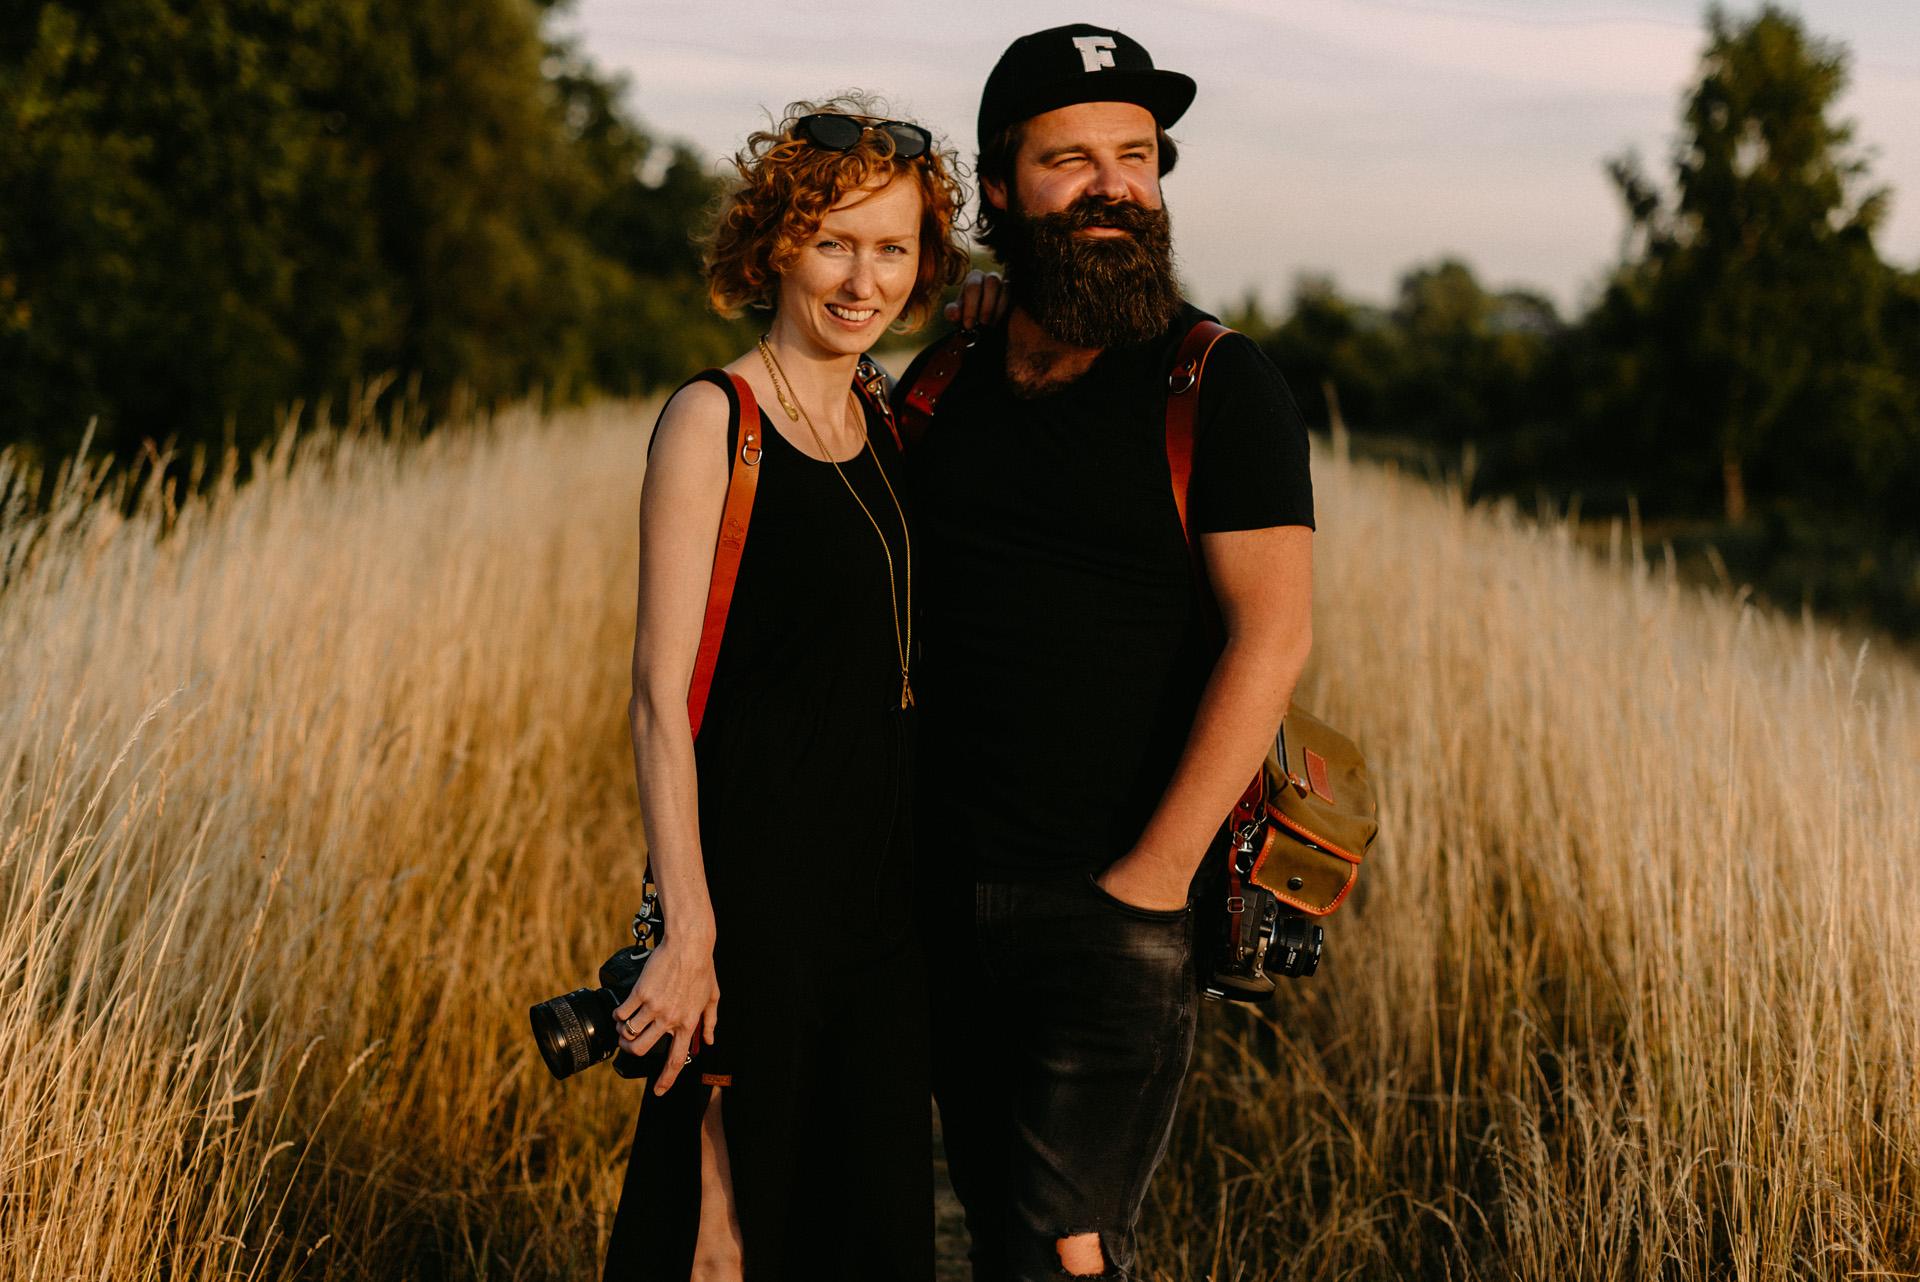 Natalia i Ernest, duet Piqsell, fot. Luke Sezeck